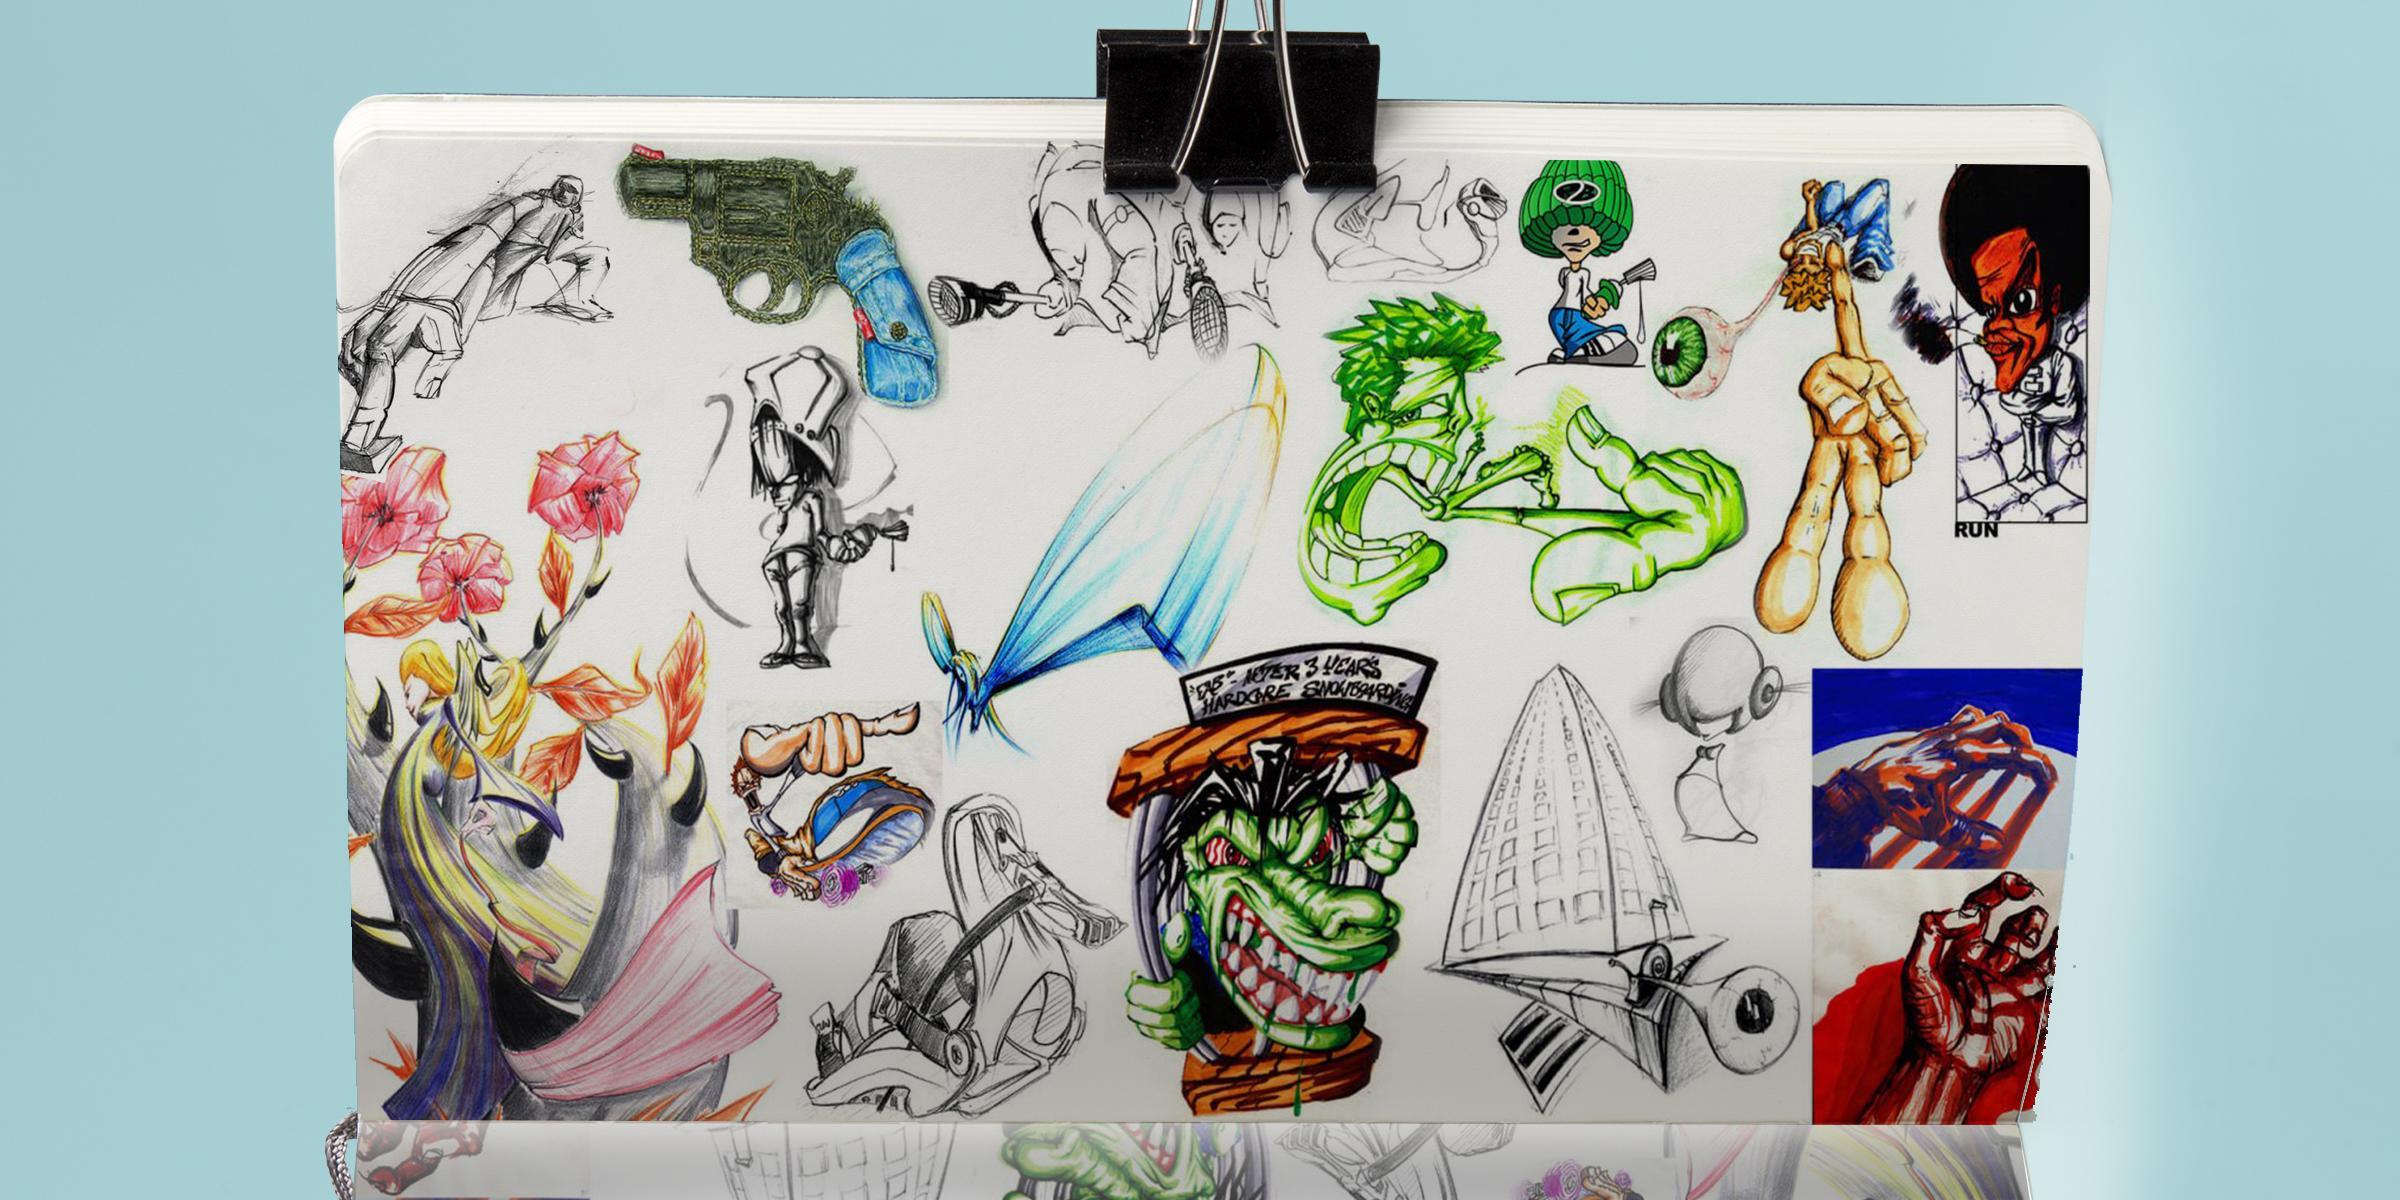 5gregor fenger art street acryl jakarta fair scribble graffiti